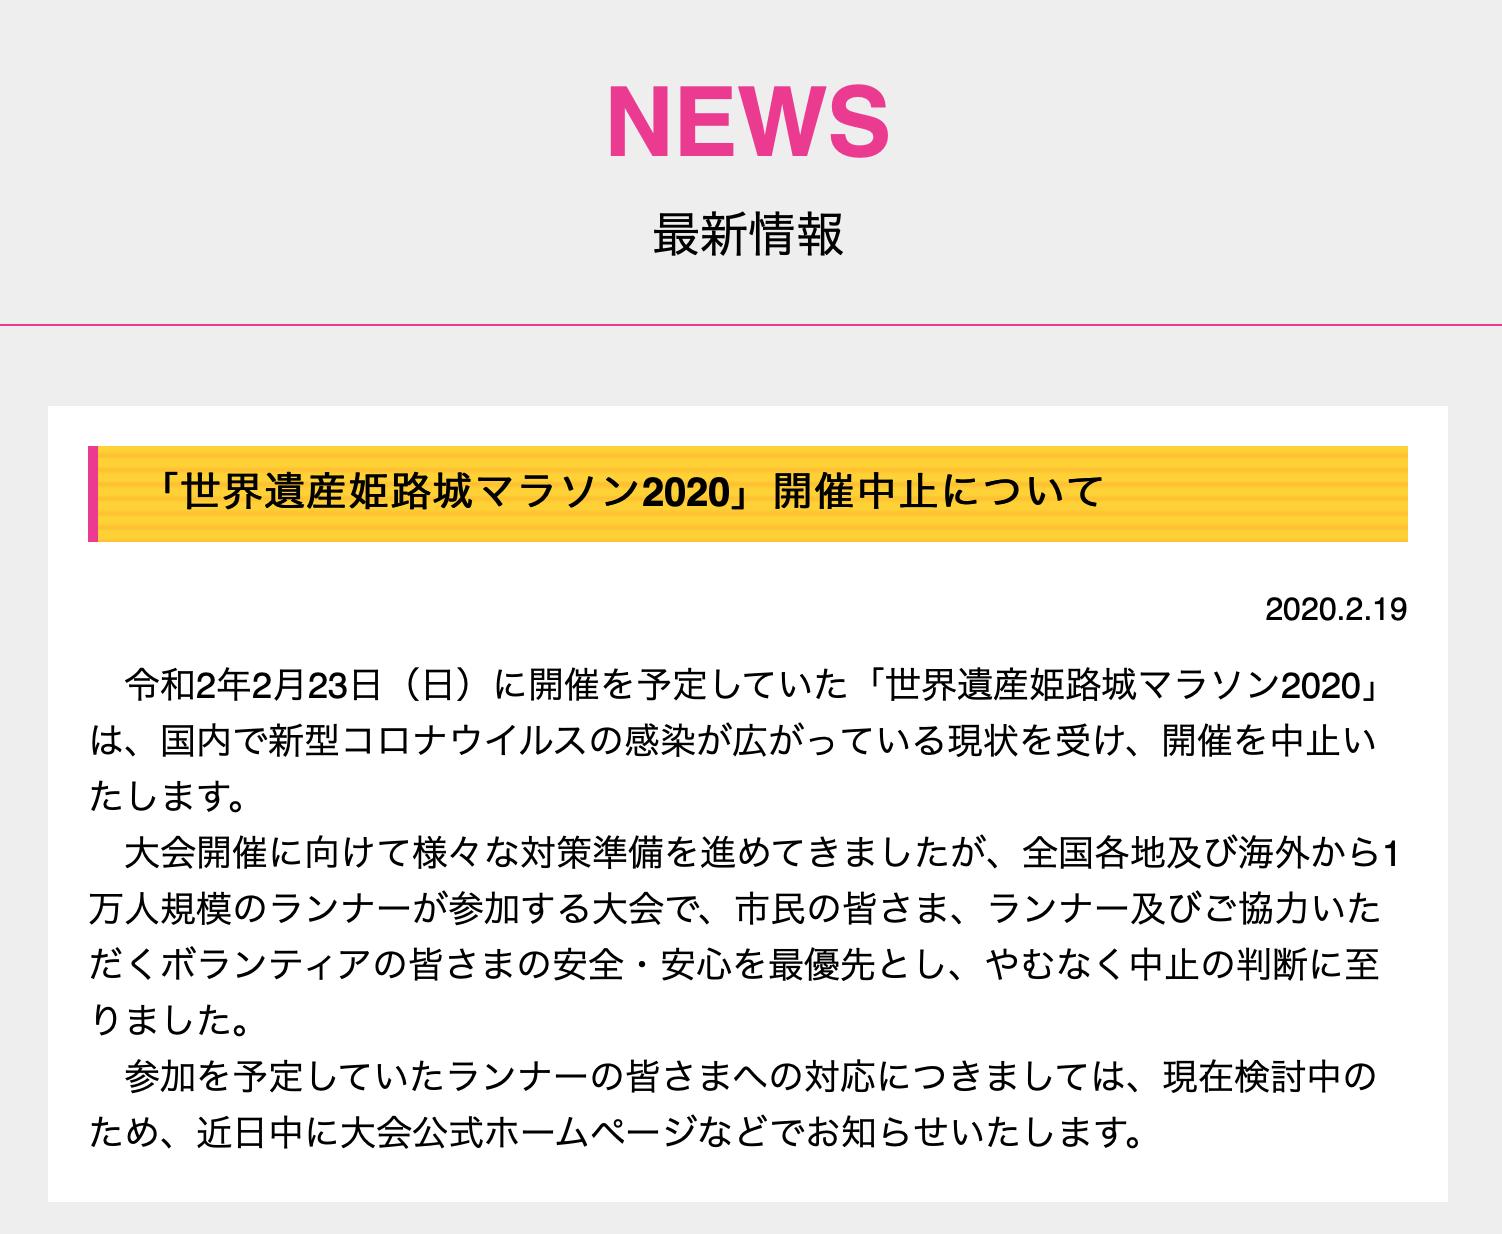 姫路城マラソン中止を受けて_e0139376_23001791.png